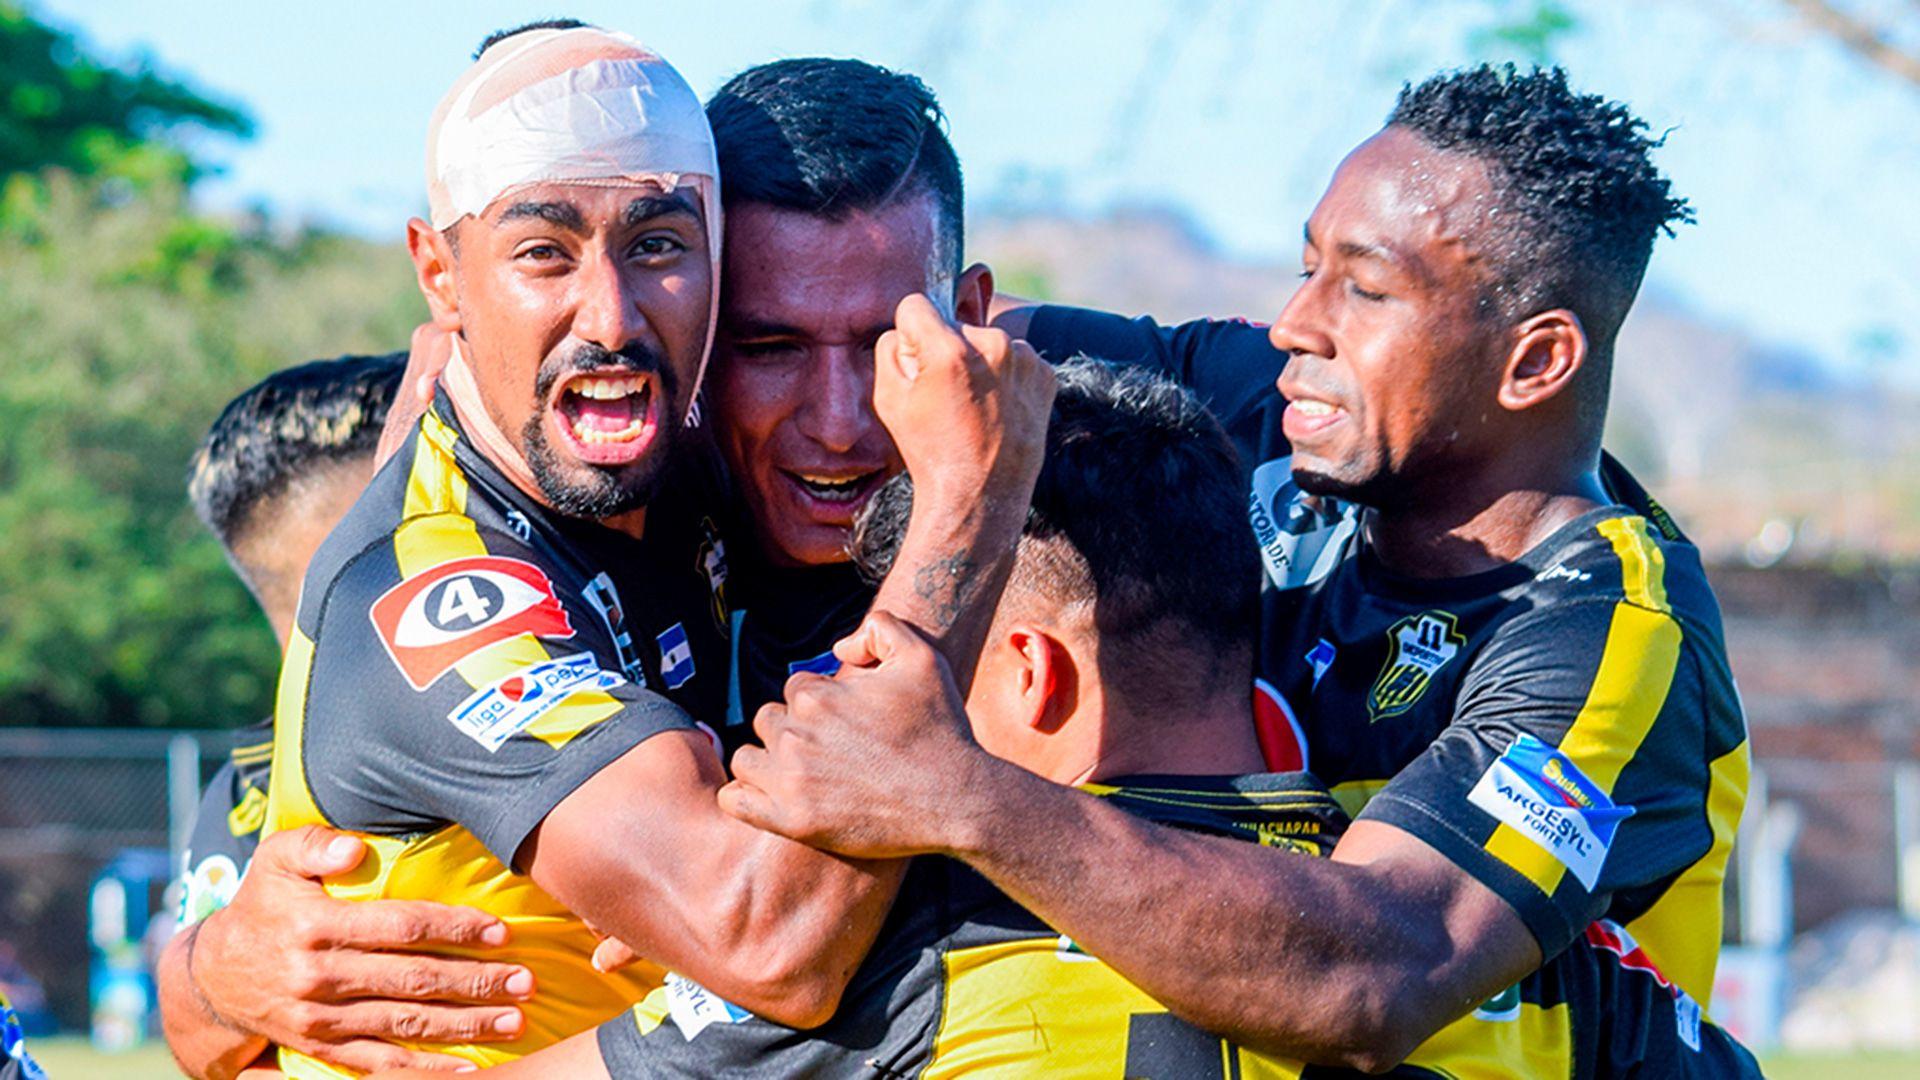 El club se fundó el 20 de agosto de 2019 y comenzó el torneo comprometido con el descenso. Once Deportivo terminó campeón y Once Deportivo clasificó para competir fuera de El Salvador.